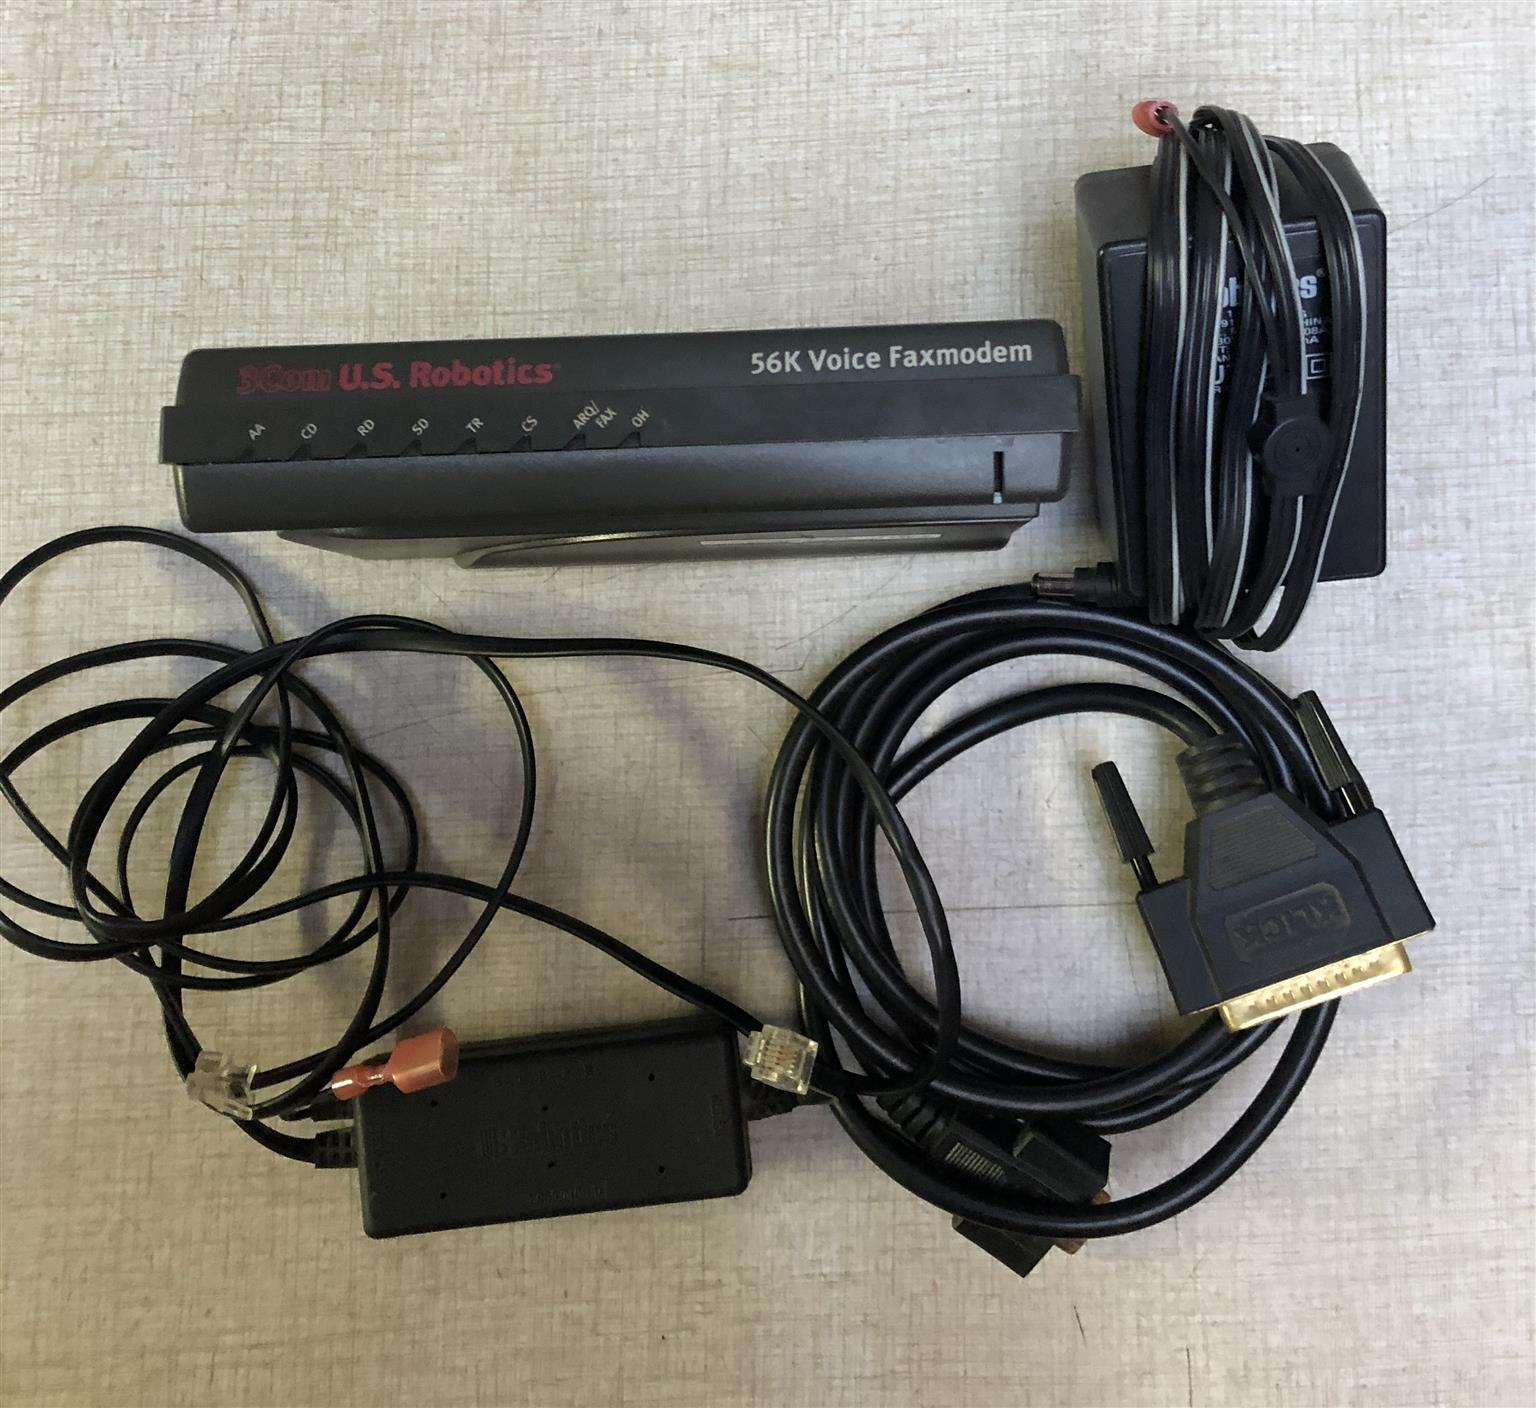 U.S. Robotics internet 56K modem